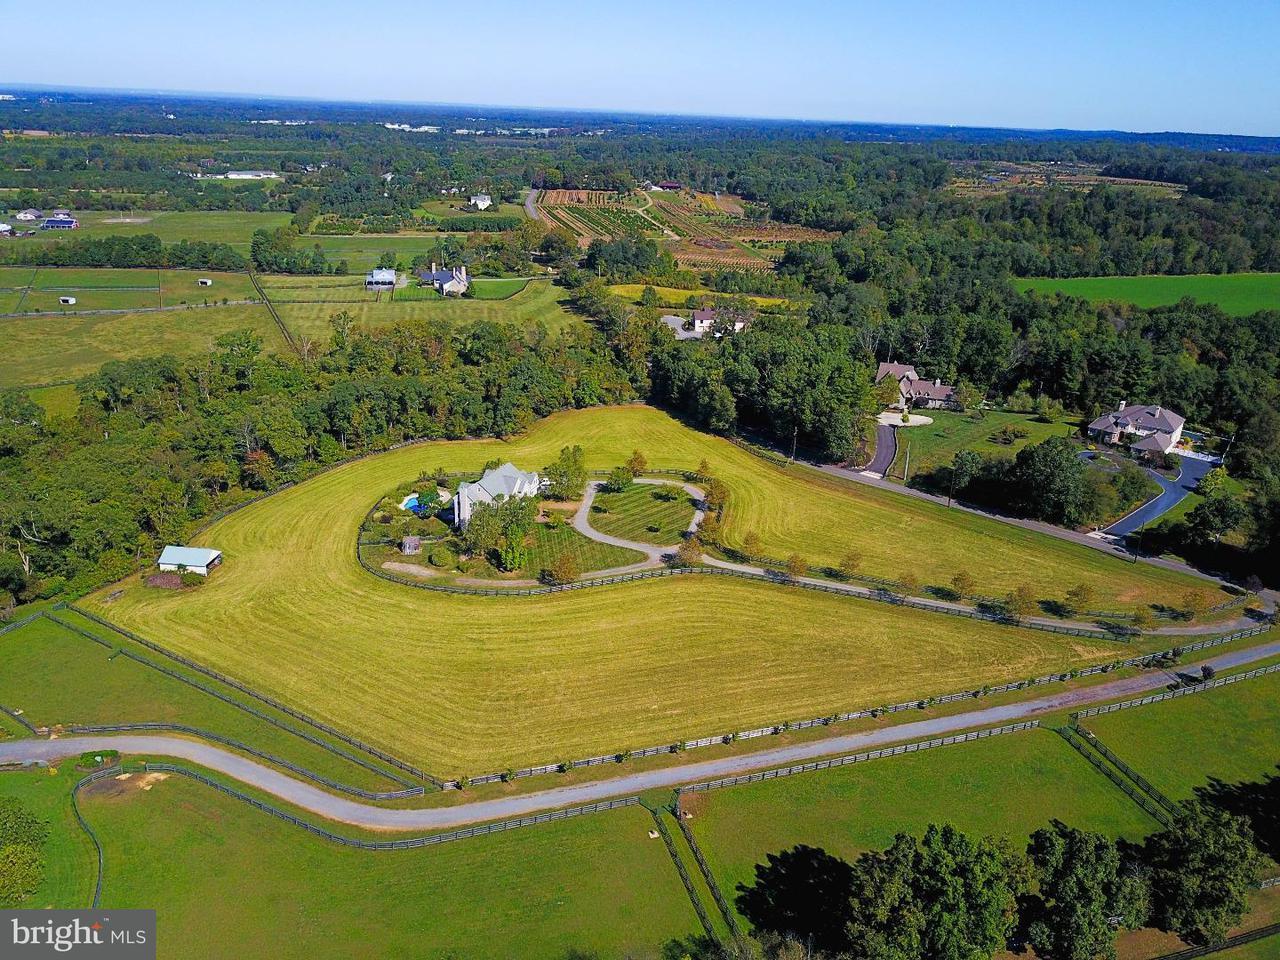 Casa Unifamiliar por un Venta en 110 MEIRS Road Cream Ridge, Nueva Jersey 08514 Estados UnidosEn/Alrededor: Upper Freehold Township